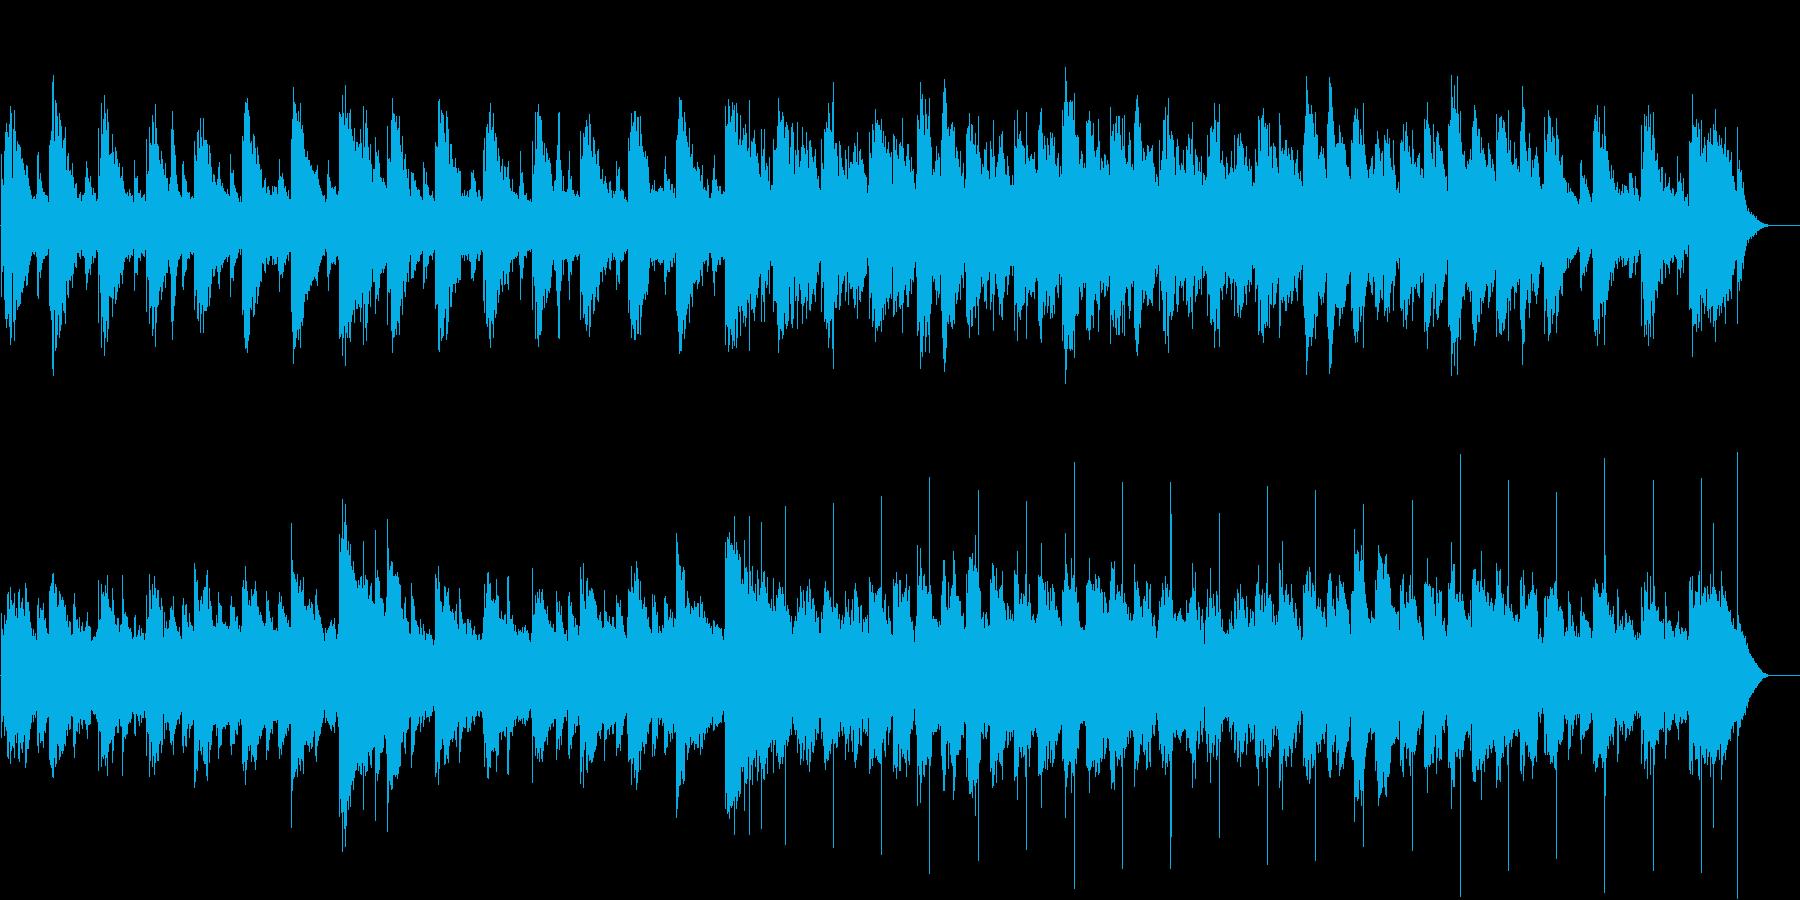 広がりのある幻想的なBGMの再生済みの波形